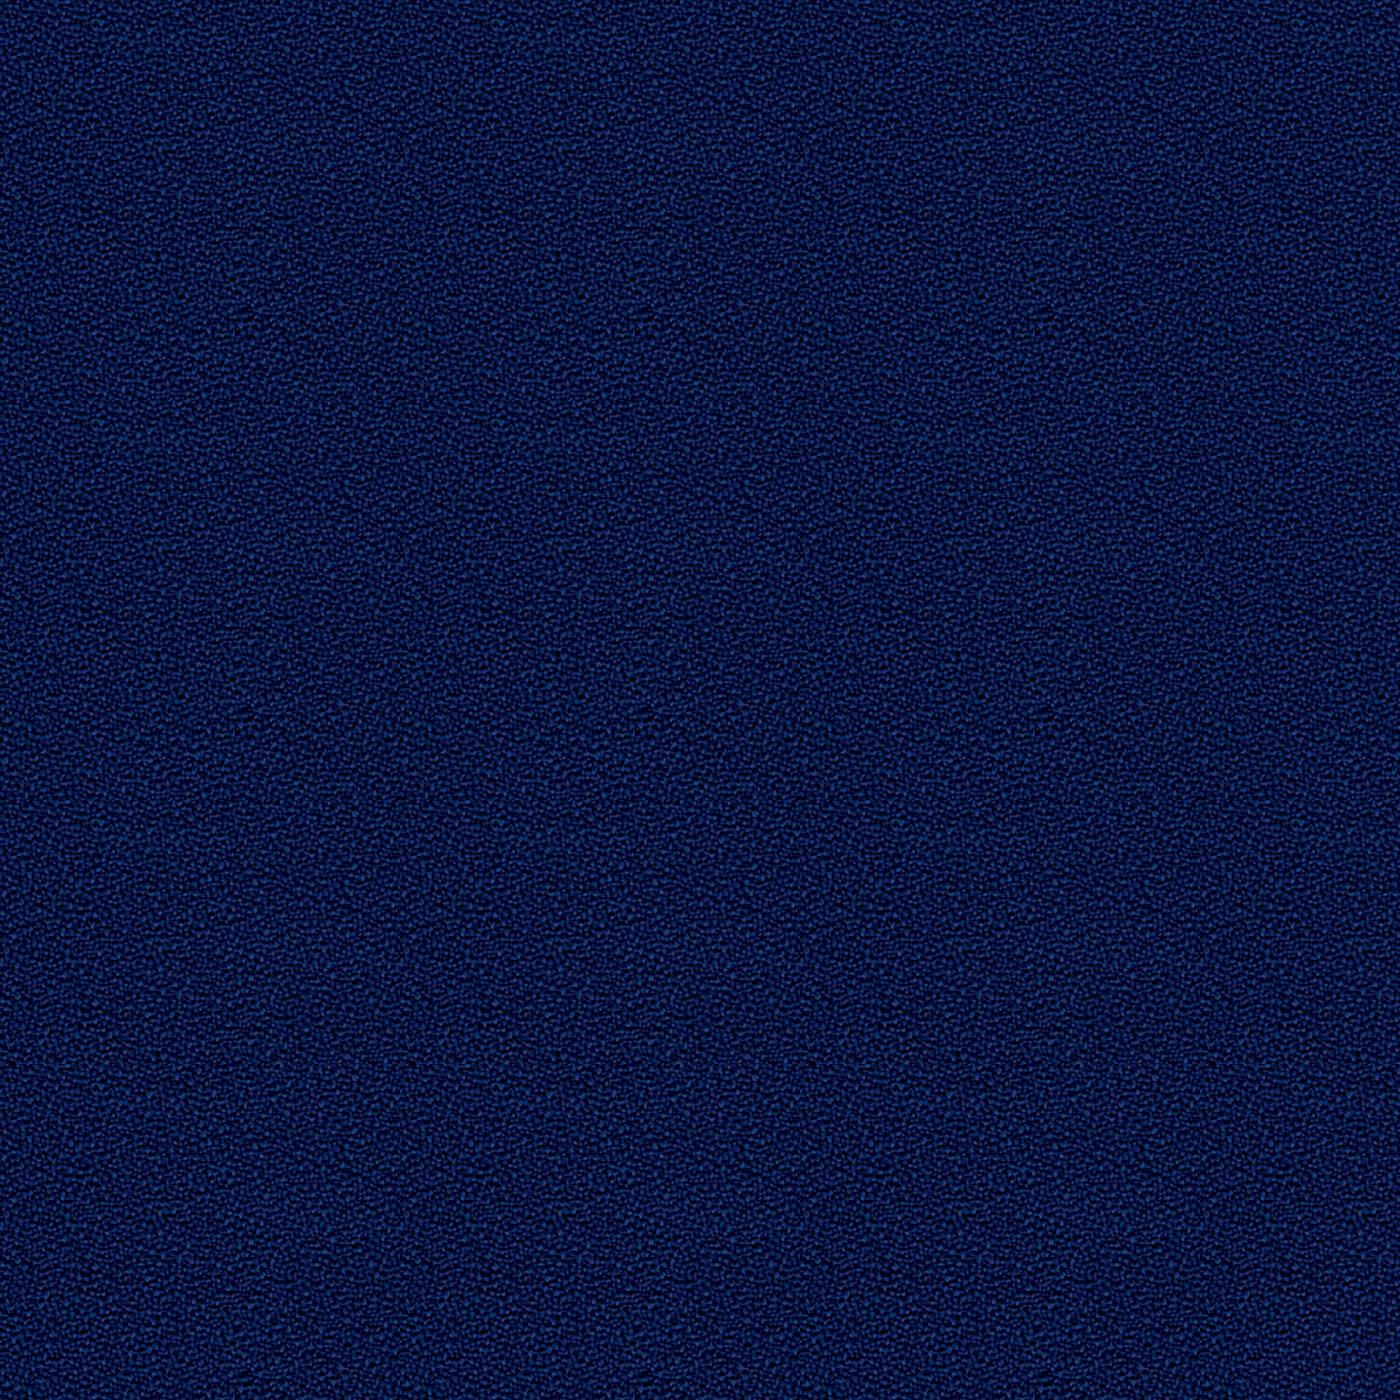 3-87-dunkelblau